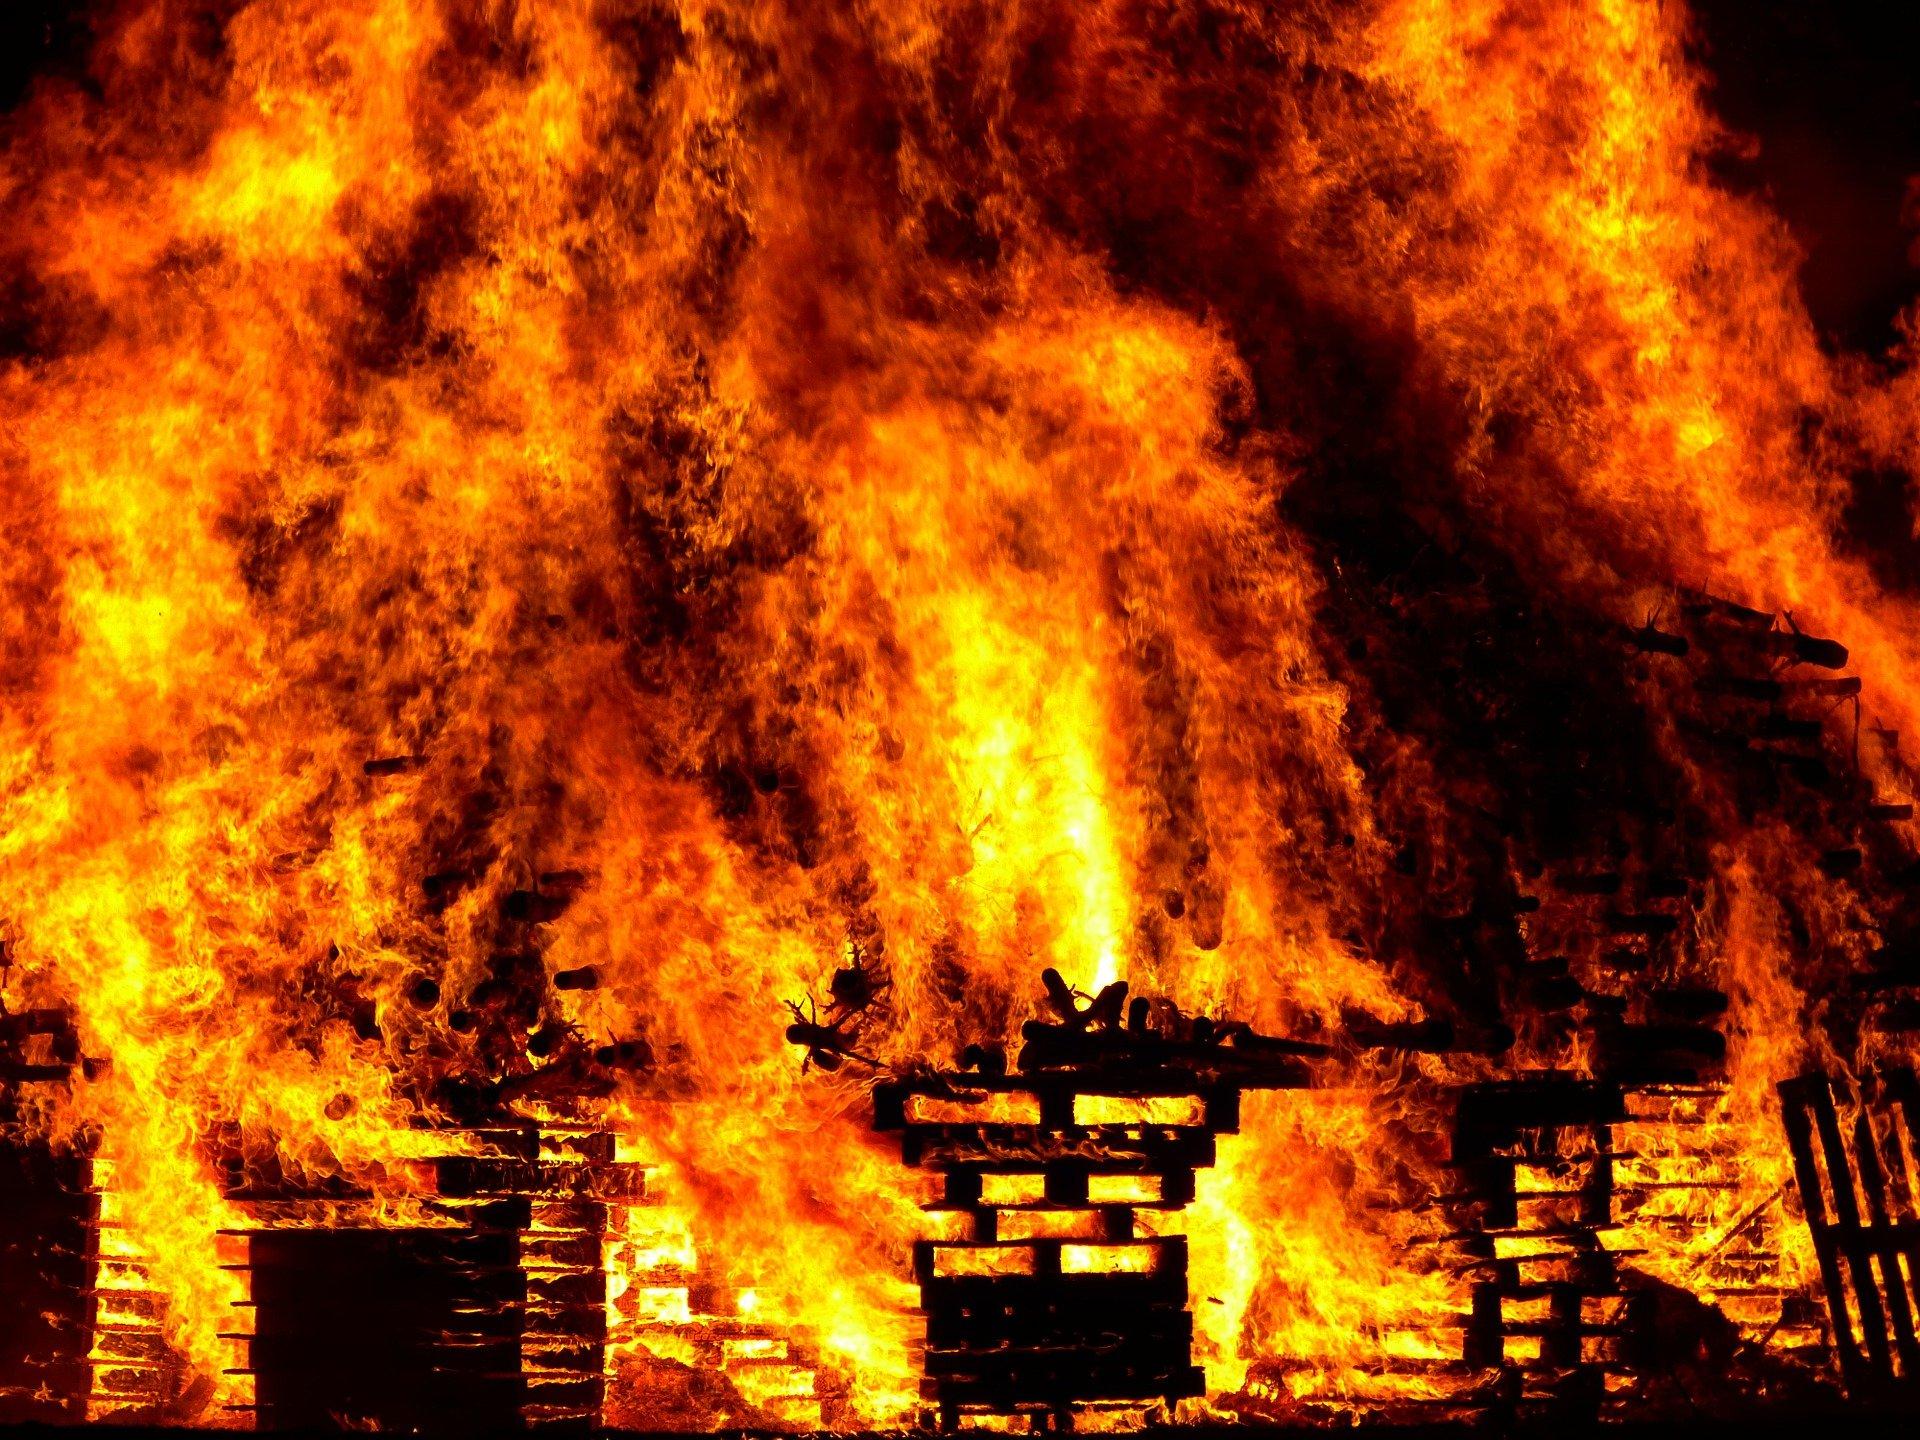 В Пупышево загорелся дачный дом